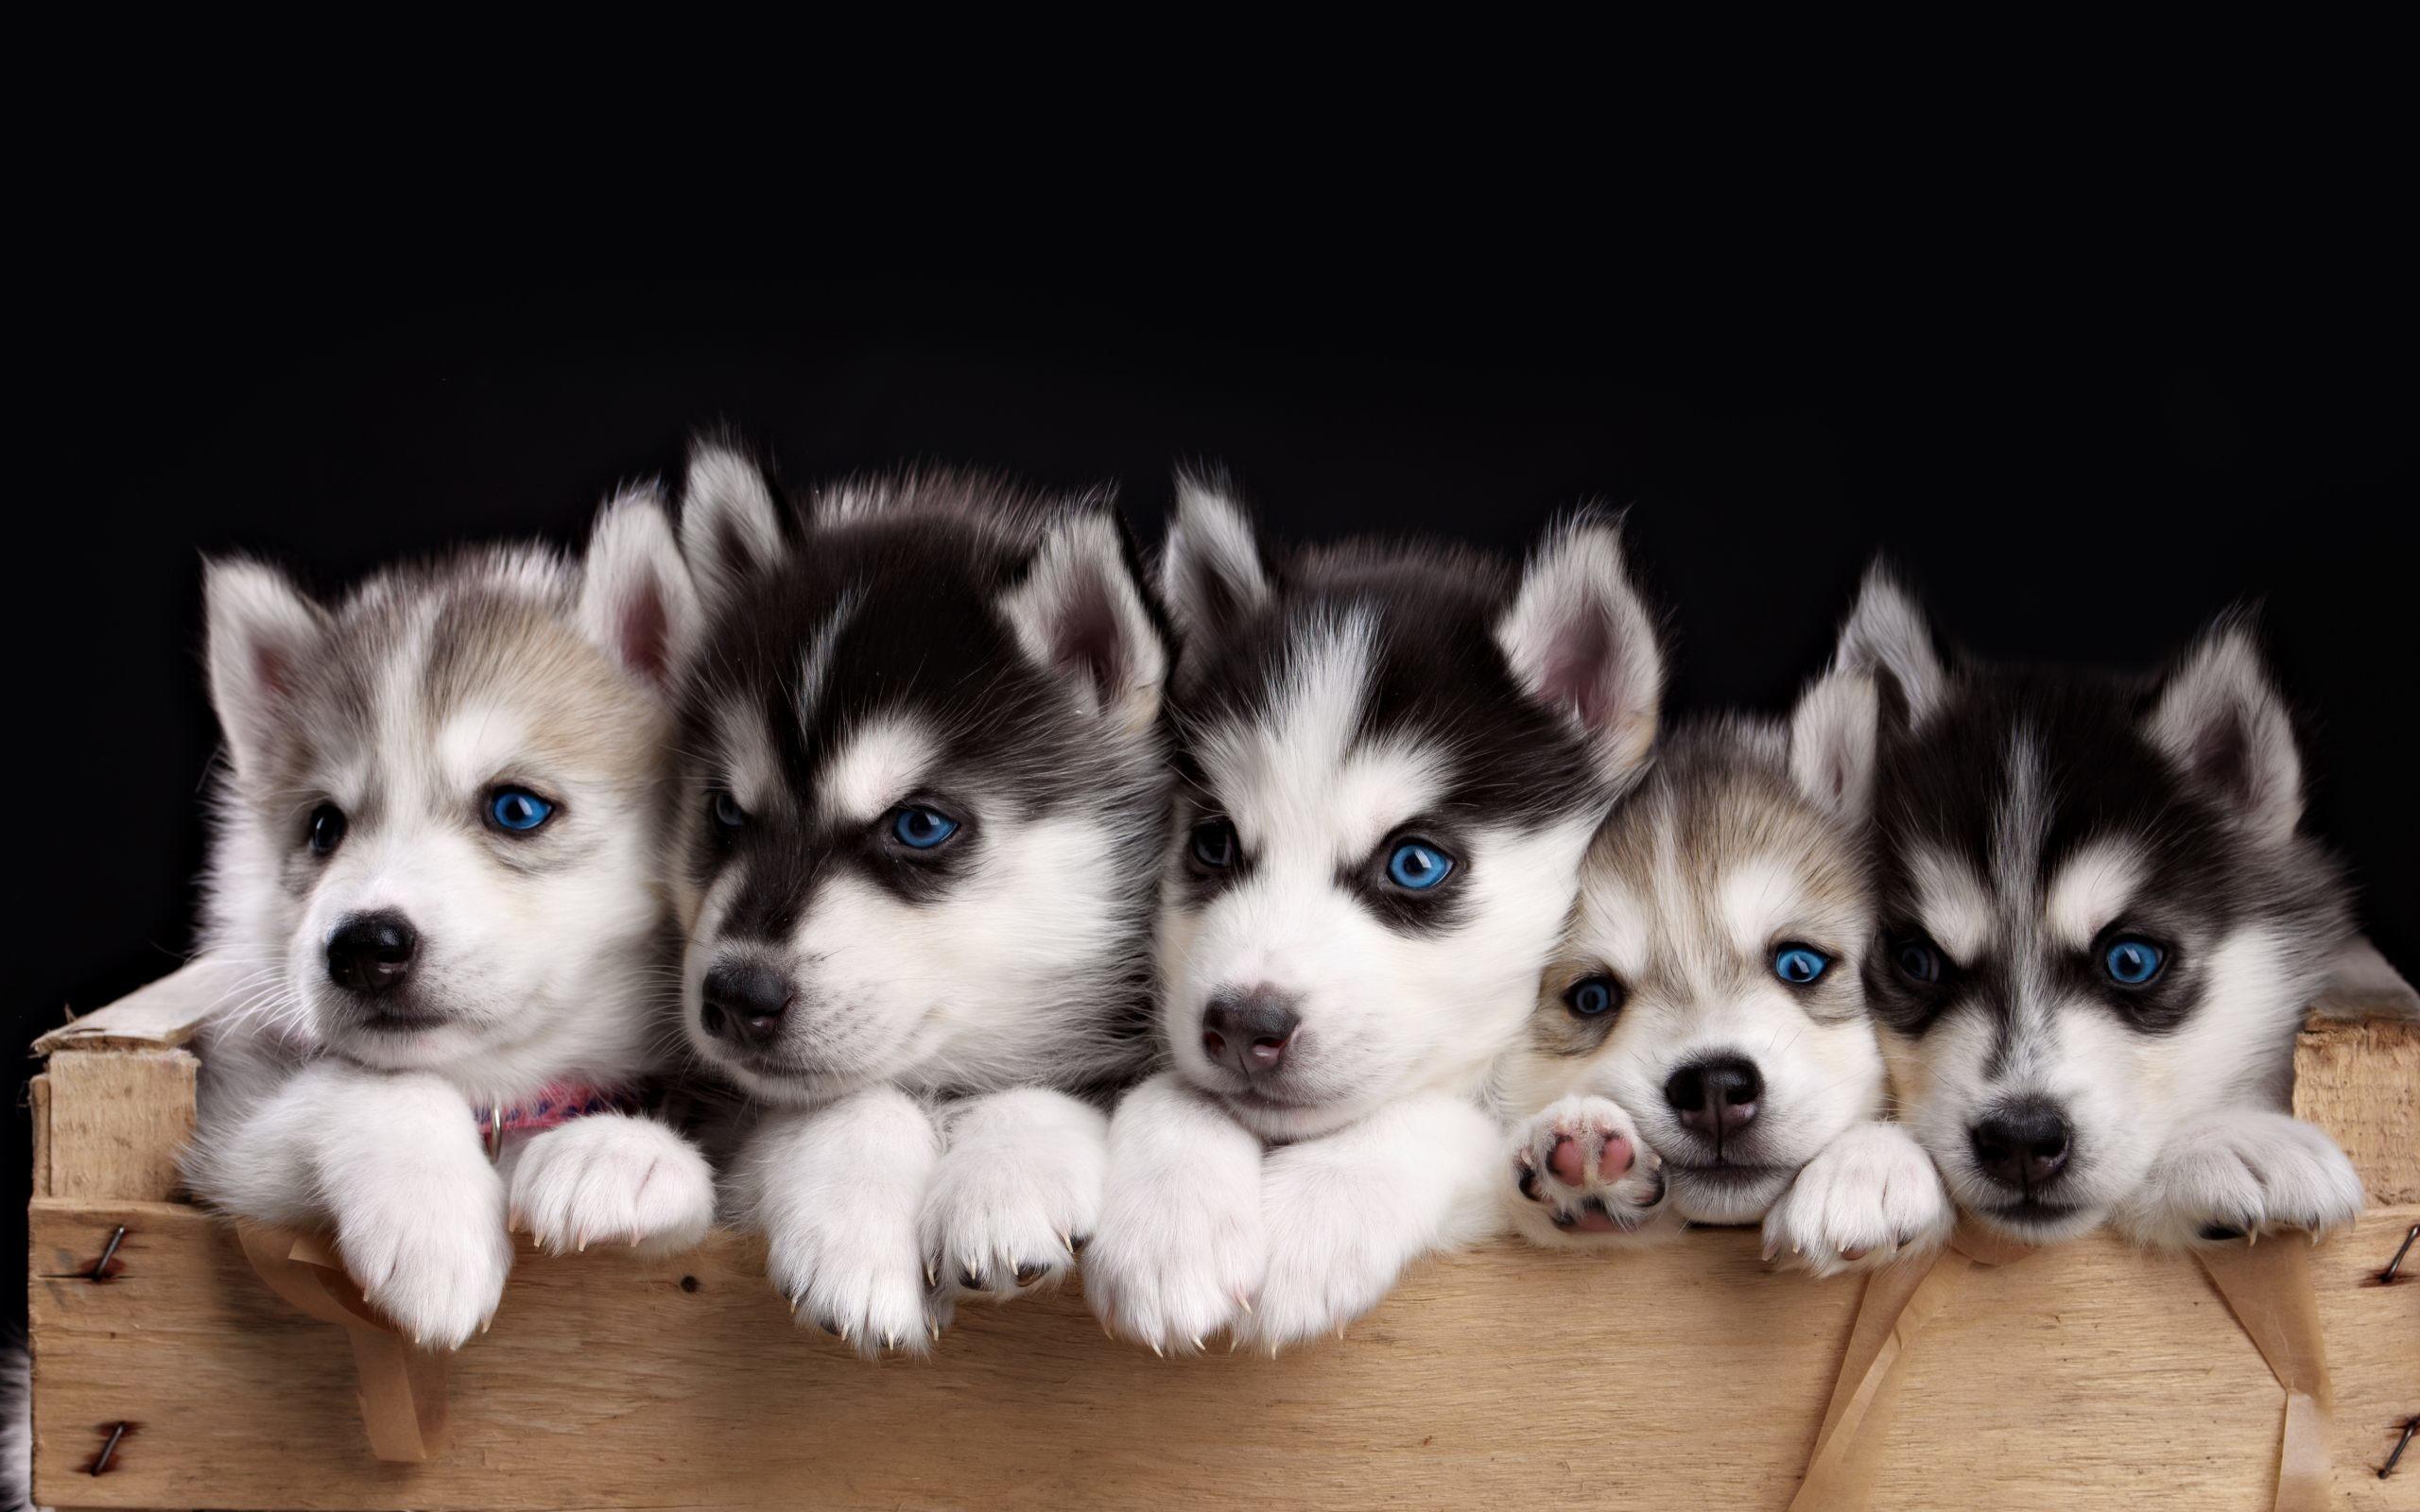 Baby Huskies Wallpaper 79 Images